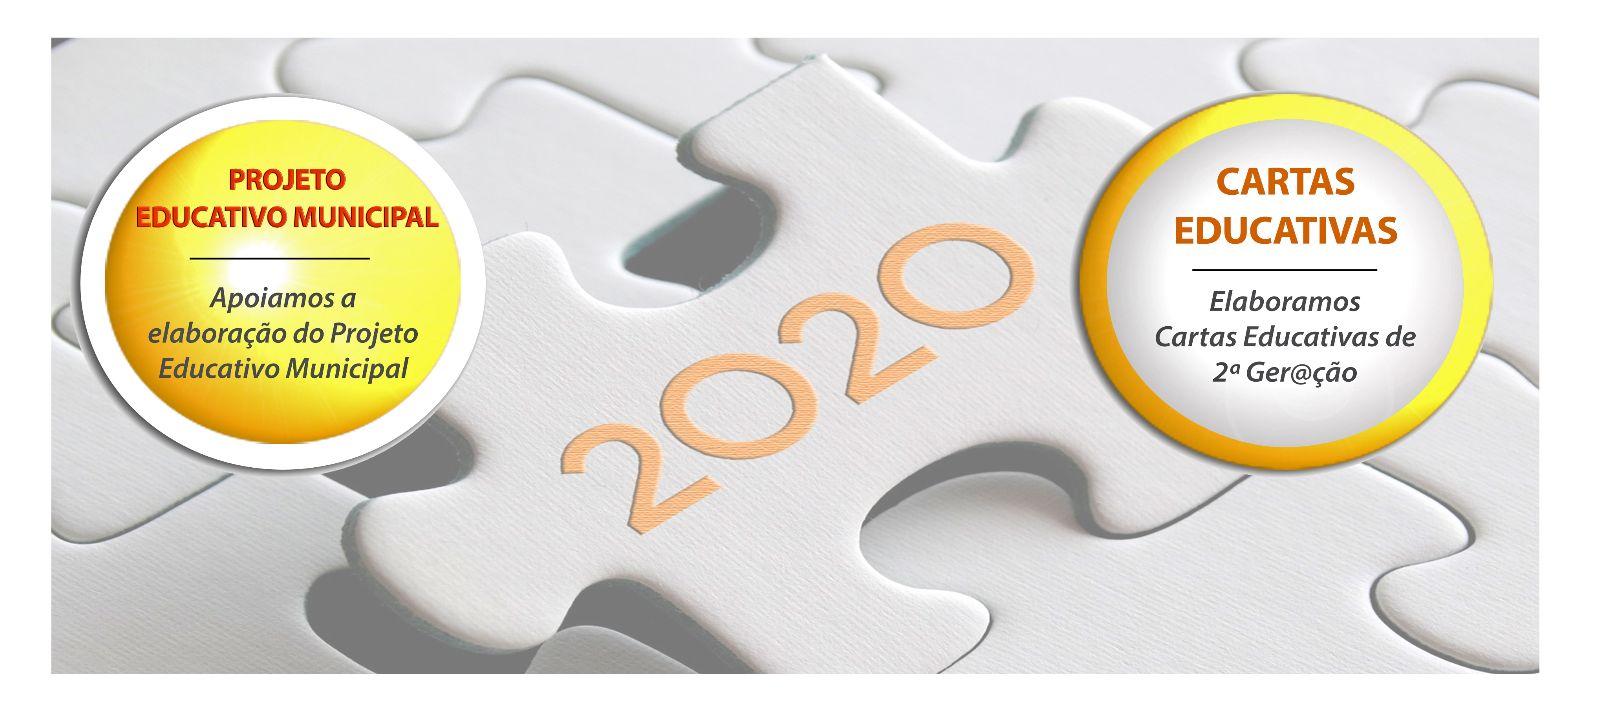 Portugal 2020 - Carta Educativa e Projeto Educativo Local